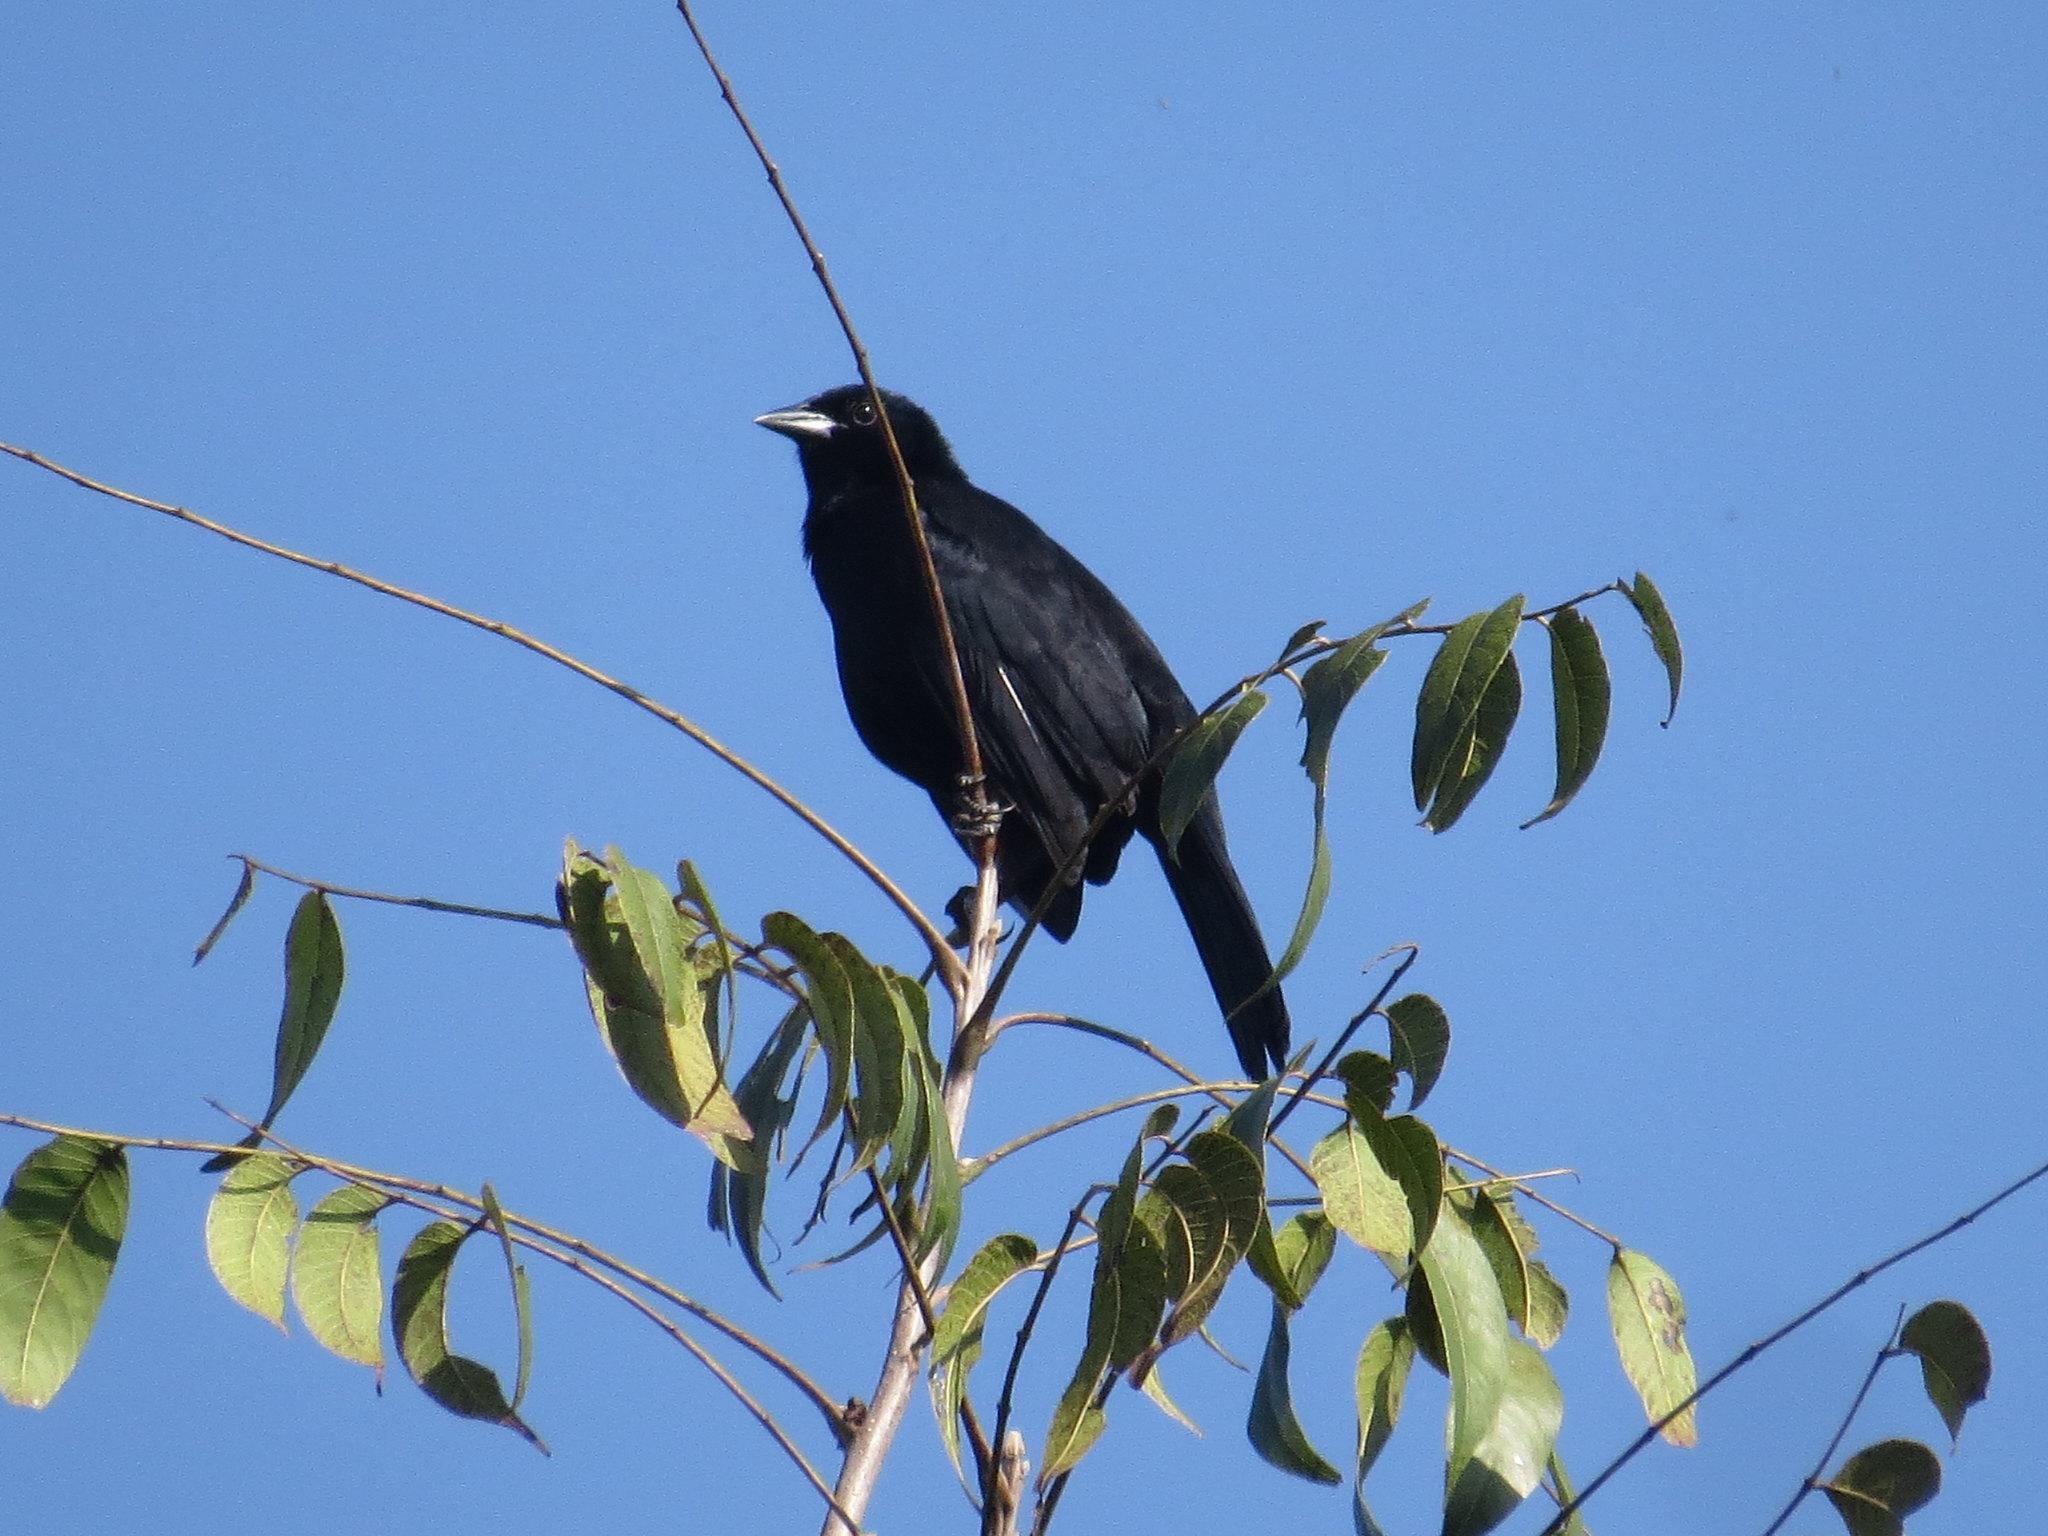 Melodious Blackbird by Seth Inman - La Paz Group